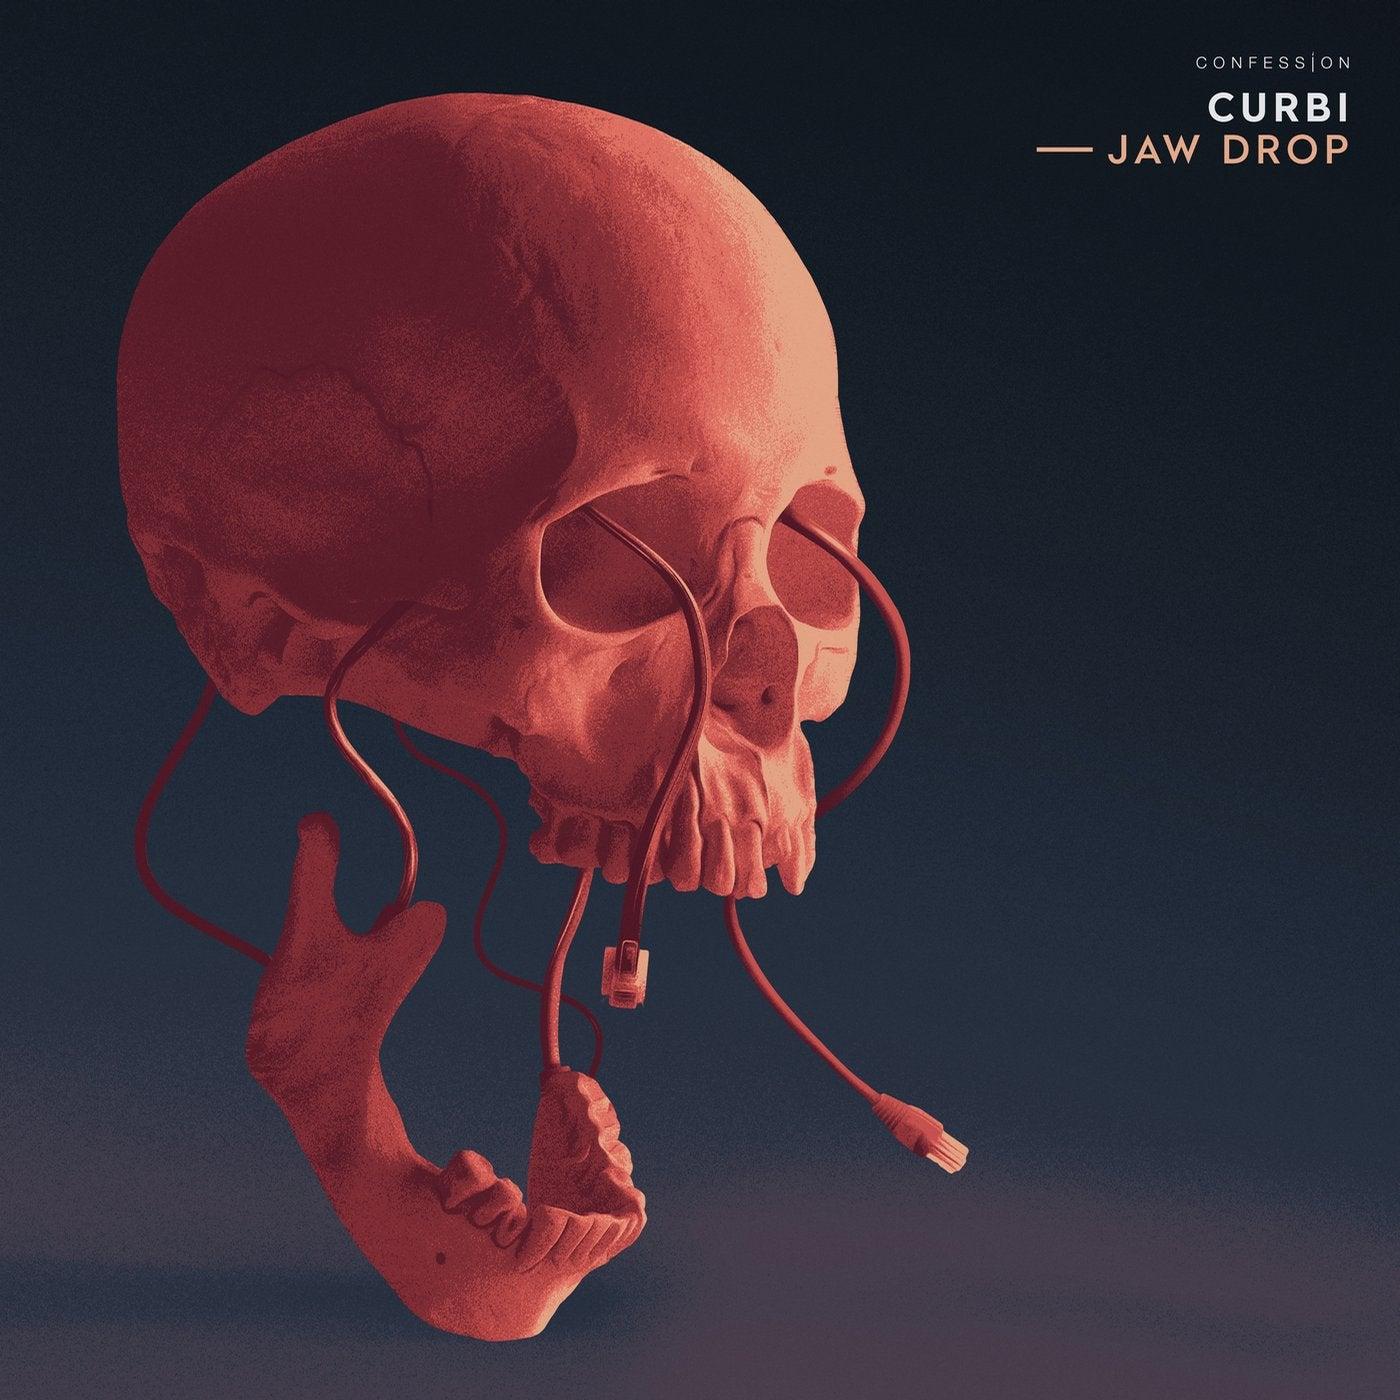 Jaw Drop (Original Mix)